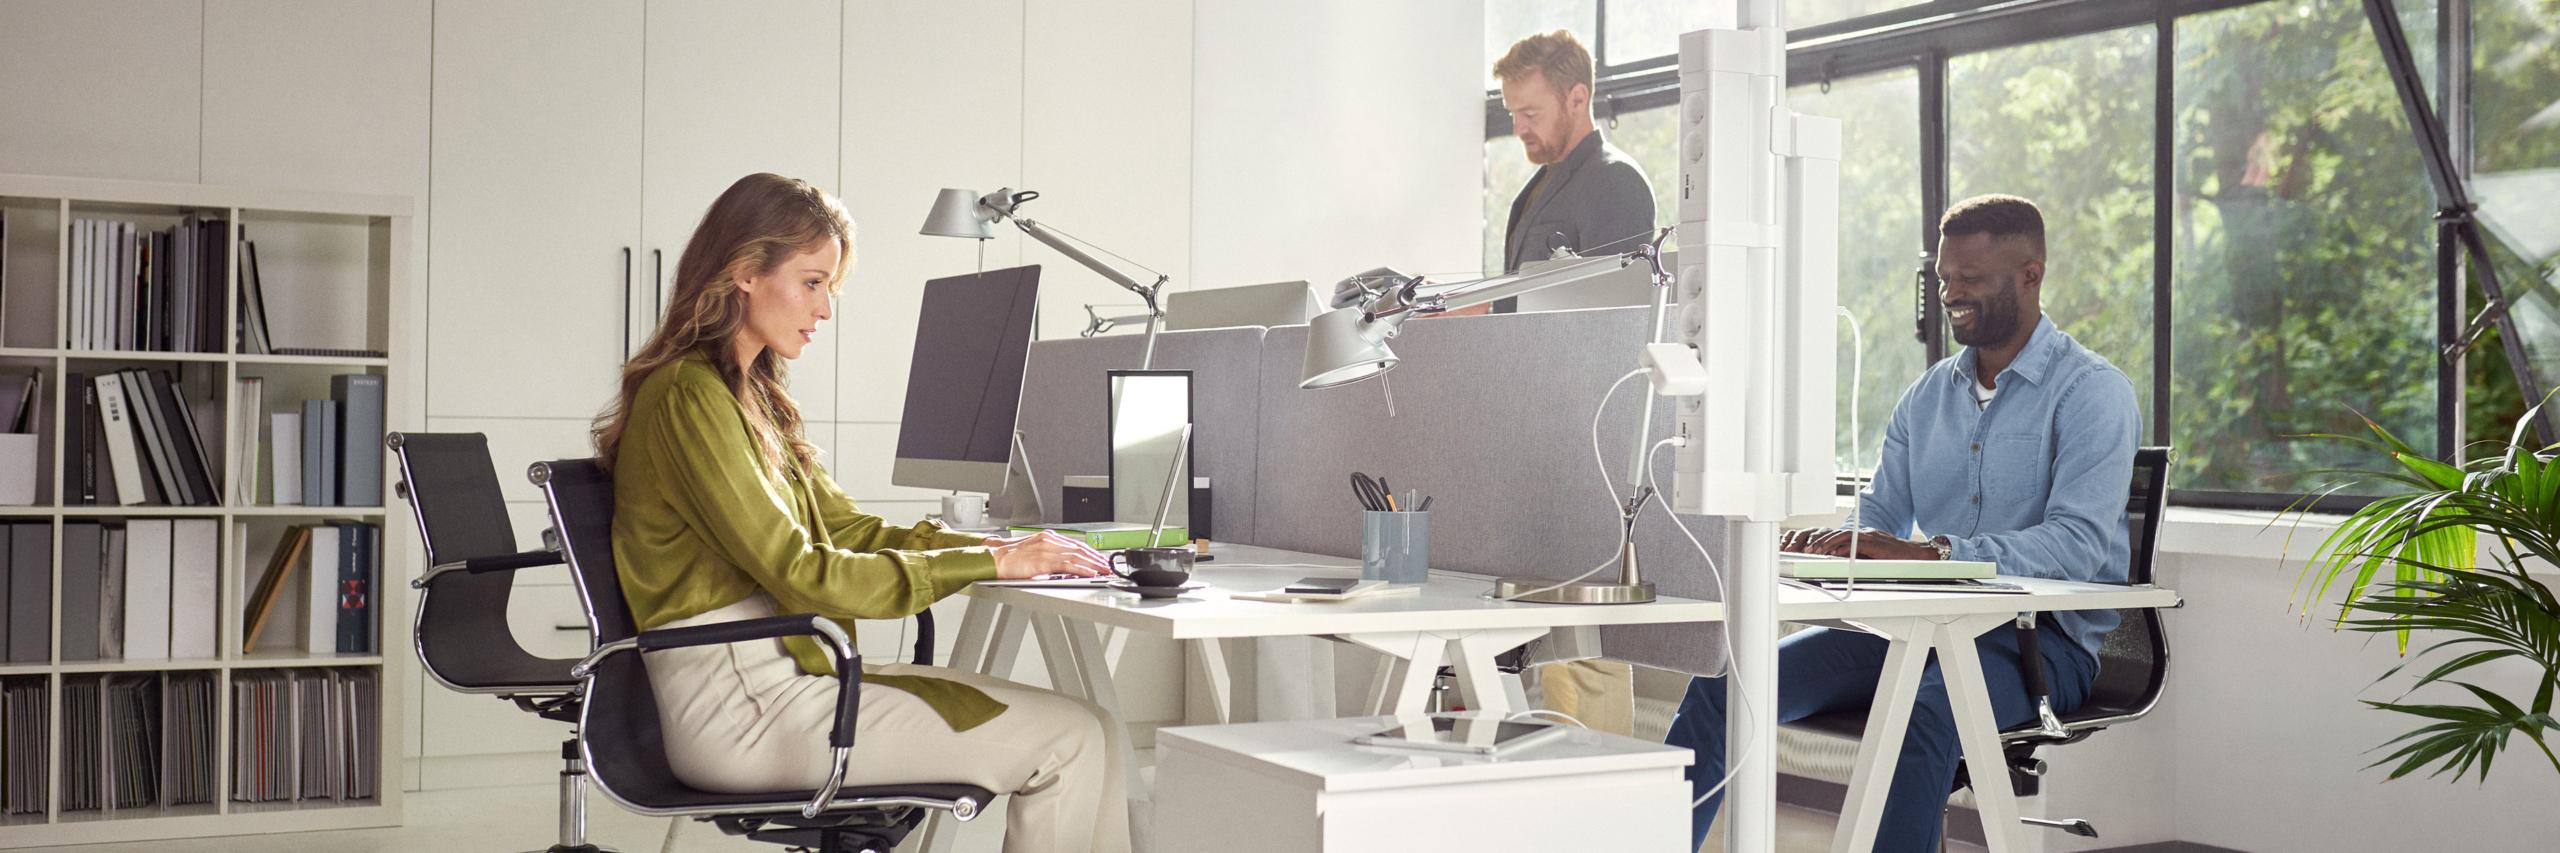 Modulære enheder til det moderne kontor